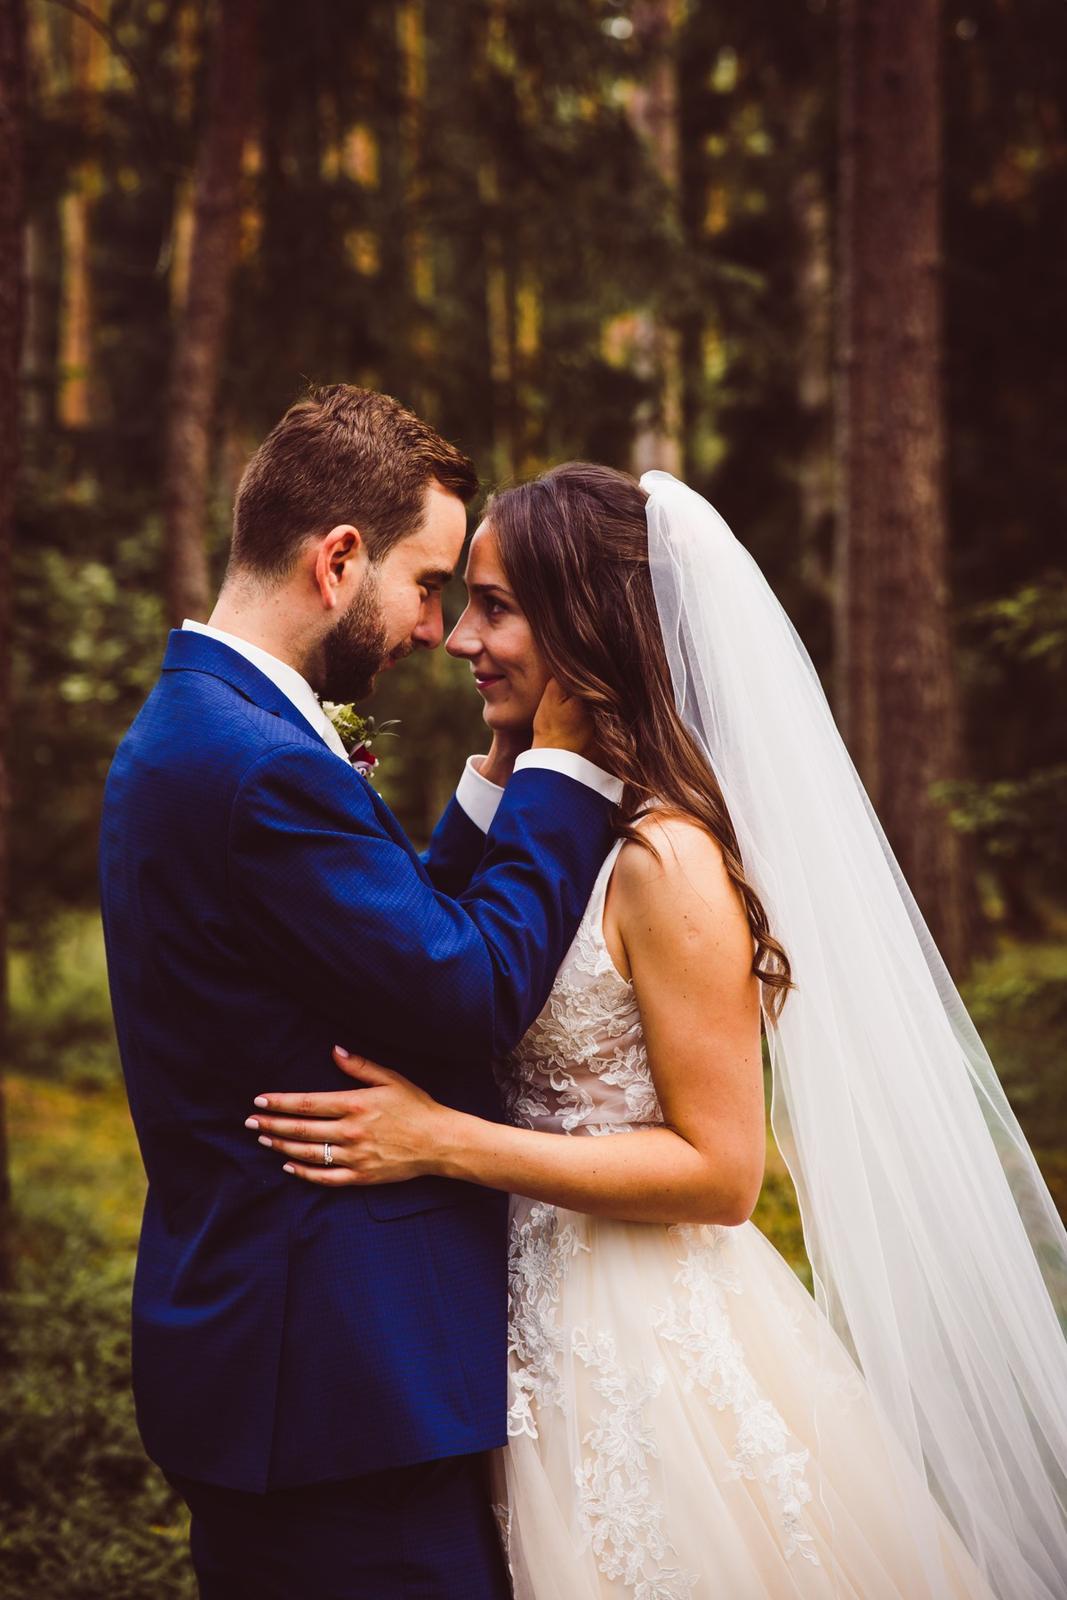 SVATBA v lese - svatba v lese